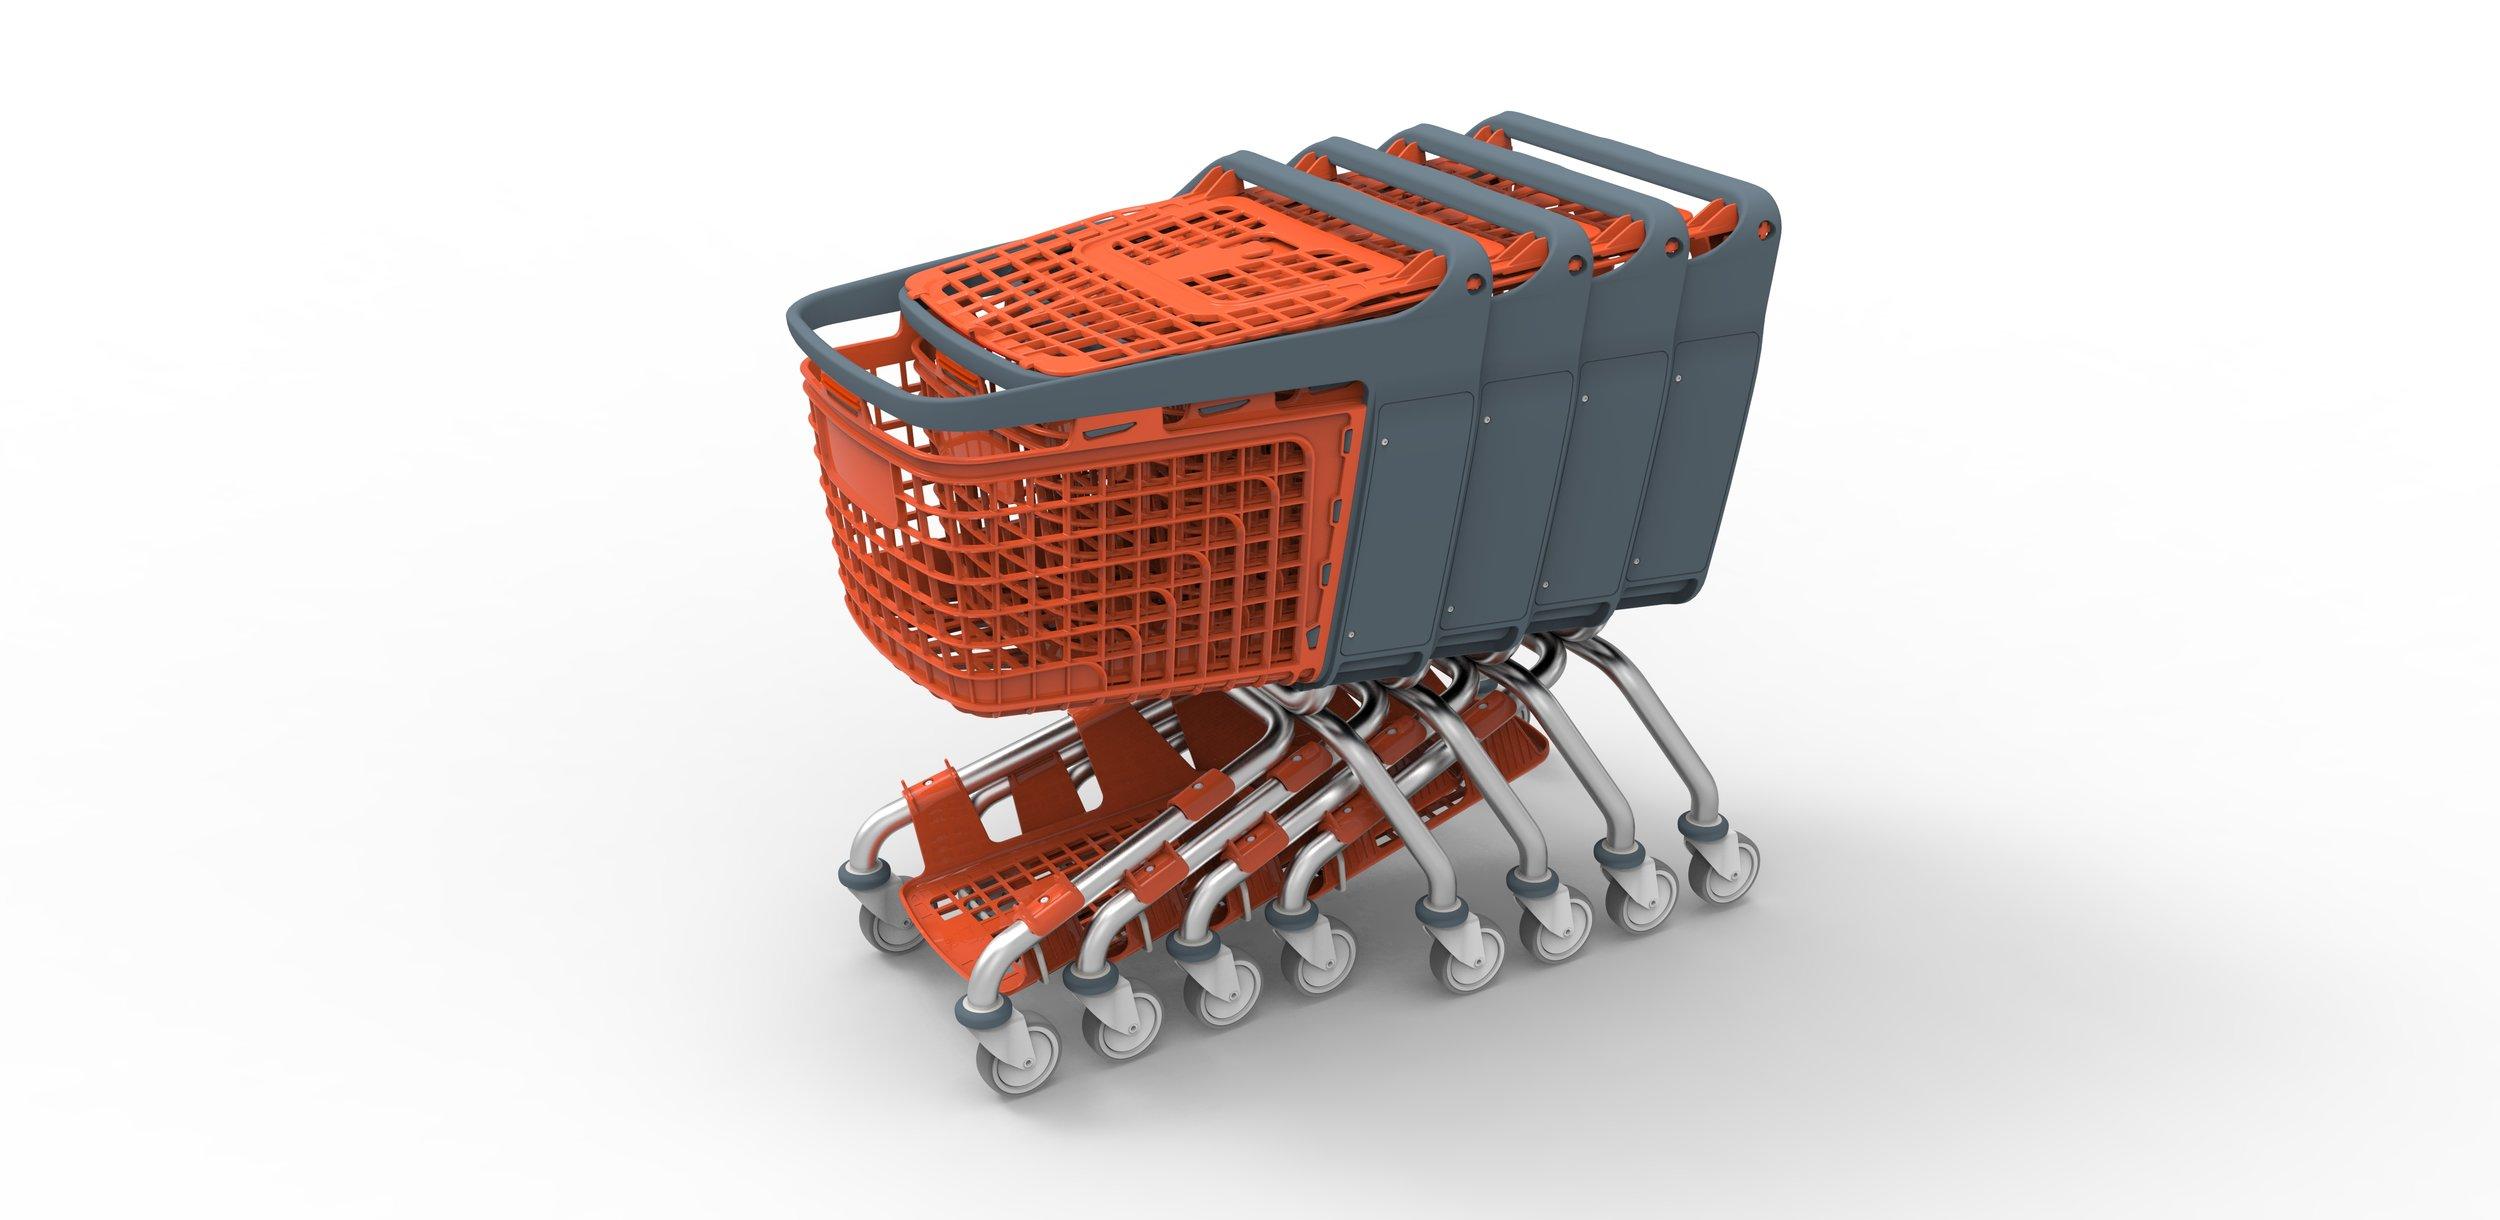 bravo-carrito-supermercado-conjunto-render